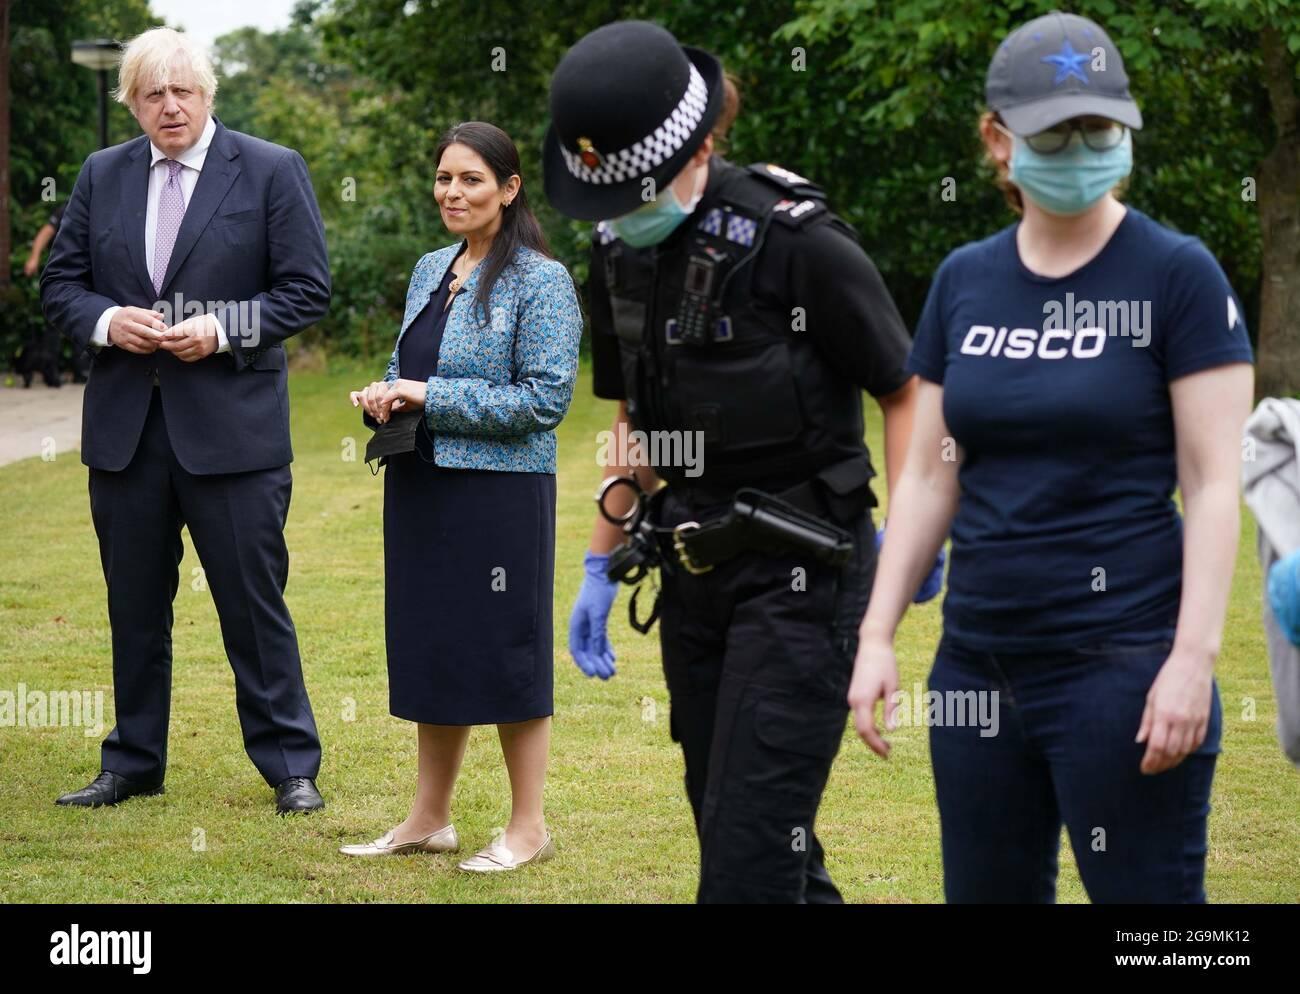 Premierminister Boris Johnson und Innenminister Priti Patel beobachten bei einem Besuch des Polizeihauptquartiers von Surrey in Guildford, Surrey, anlässlich der Veröffentlichung des Plans zur Bekämpfung von Verbrechen durch die Regierung eine Durchsuchung. Bilddatum: Dienstag, 27. Juli 2021. Stockfoto